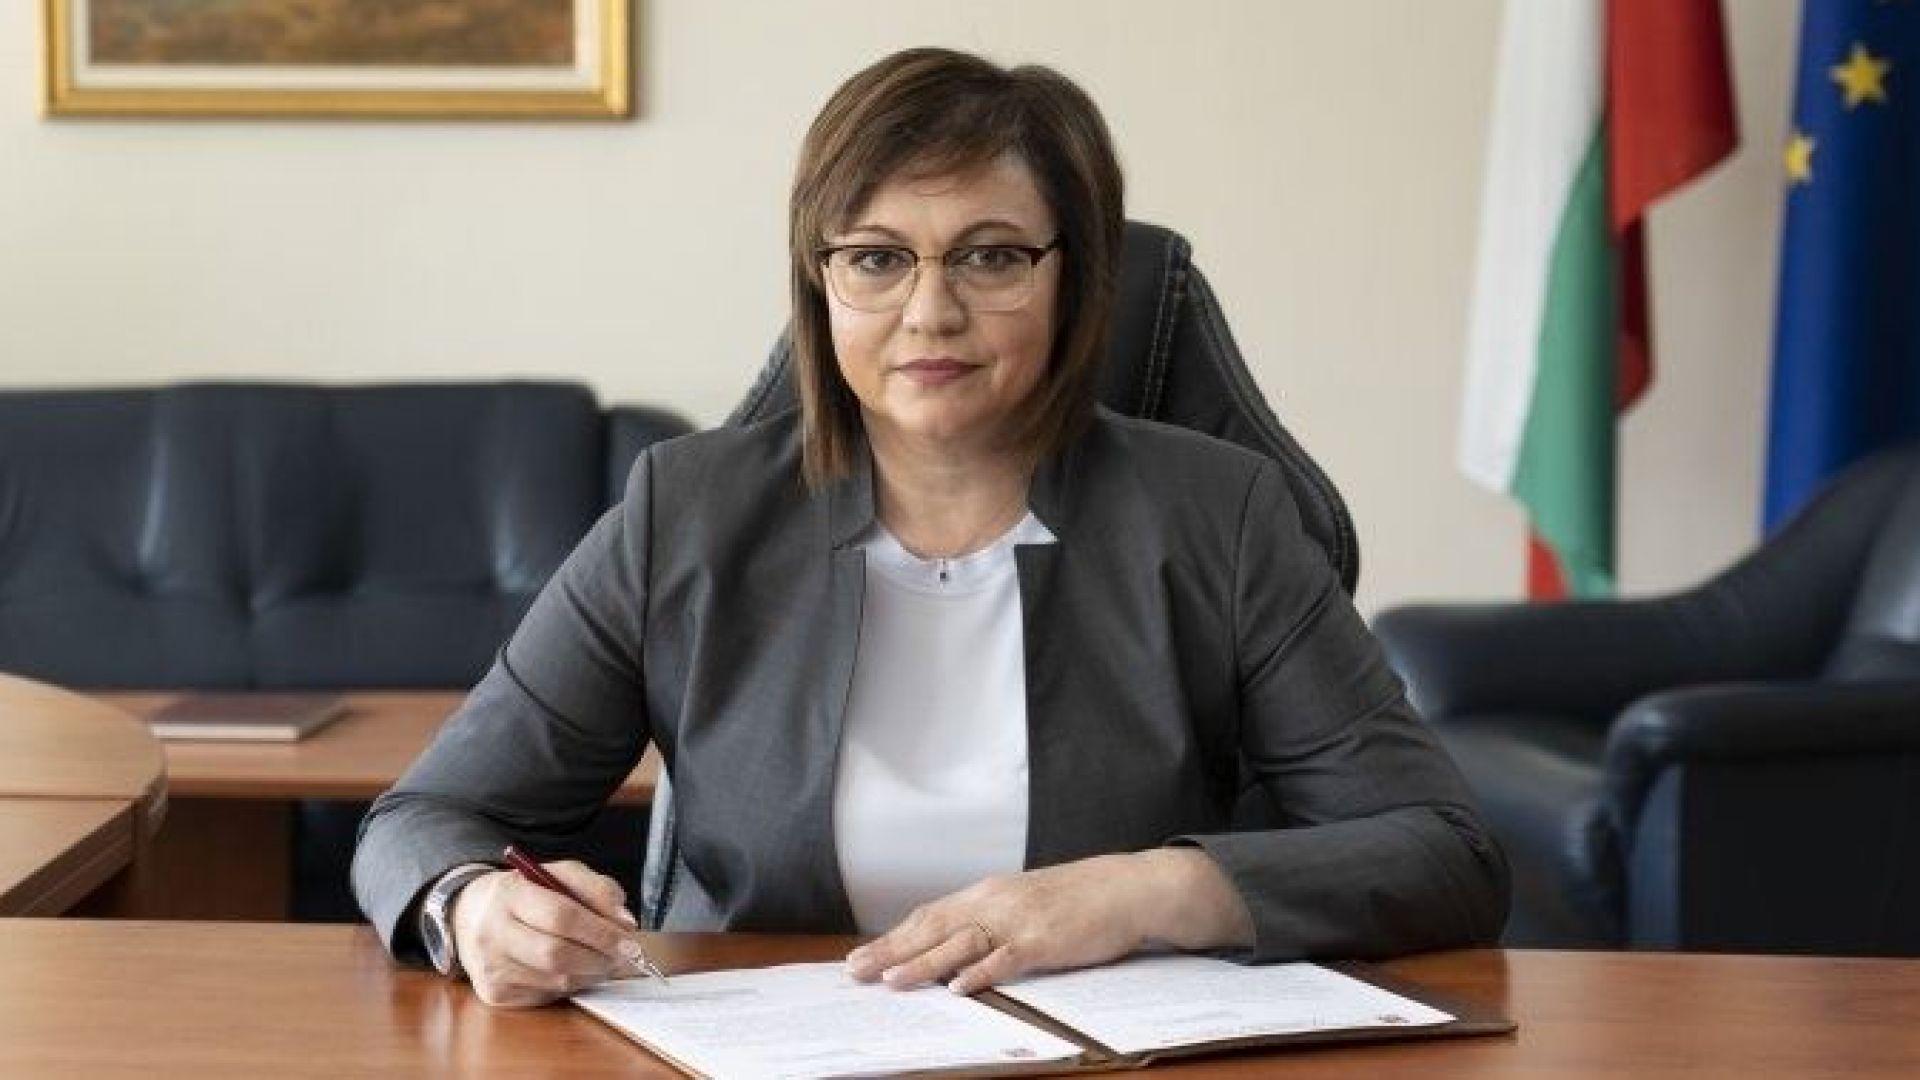 Нинова: Г-н Борисов, какво може да казвам решава моята партия, а не вие